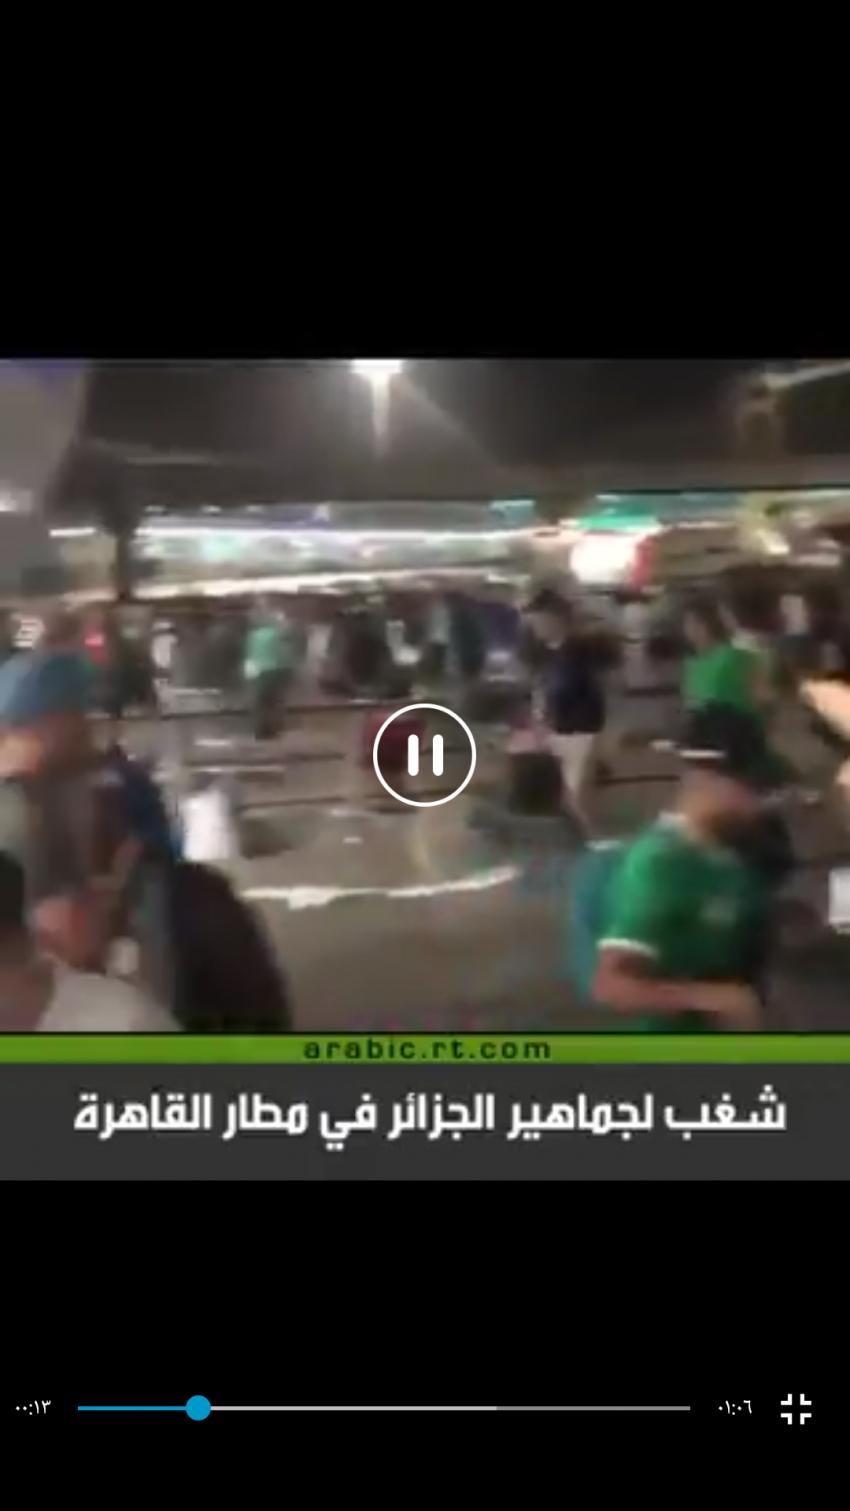 أعمال شغب لجماهير الجزائر في مطار القاهرة وتحطيم الأبواب الزجاجية